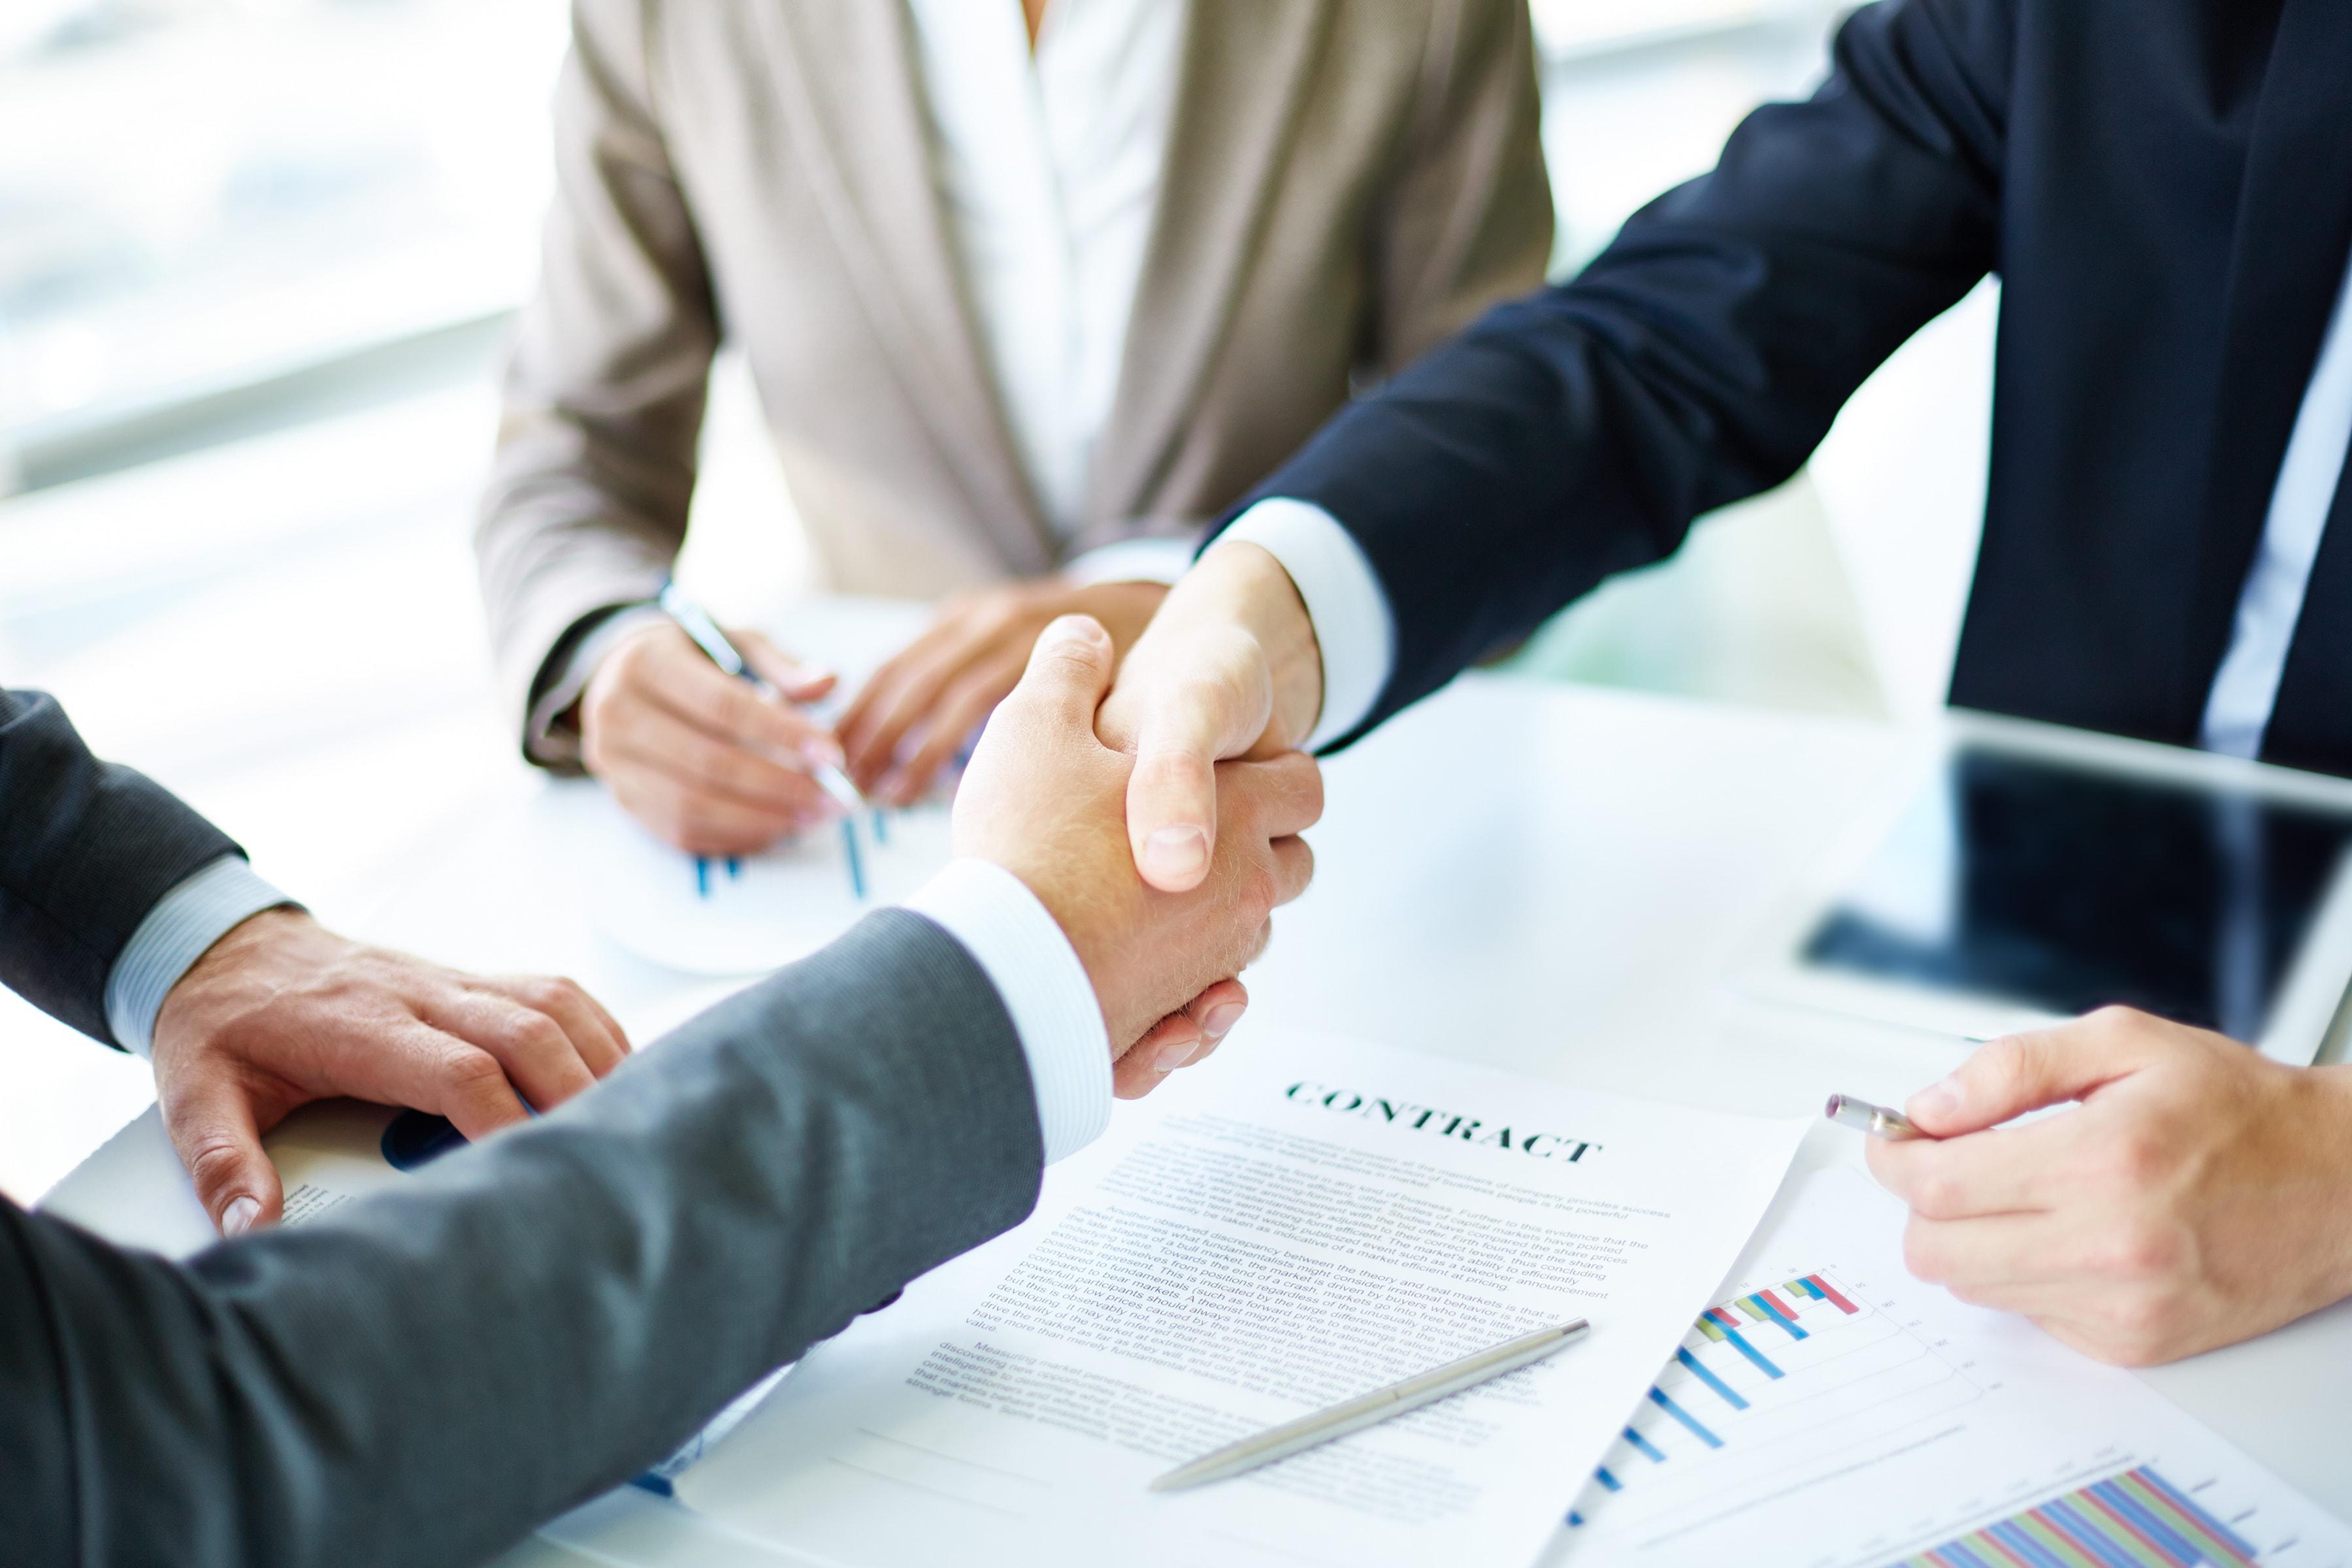 آموزش اصول مذاکره؛ قسمت اول: مقدمه